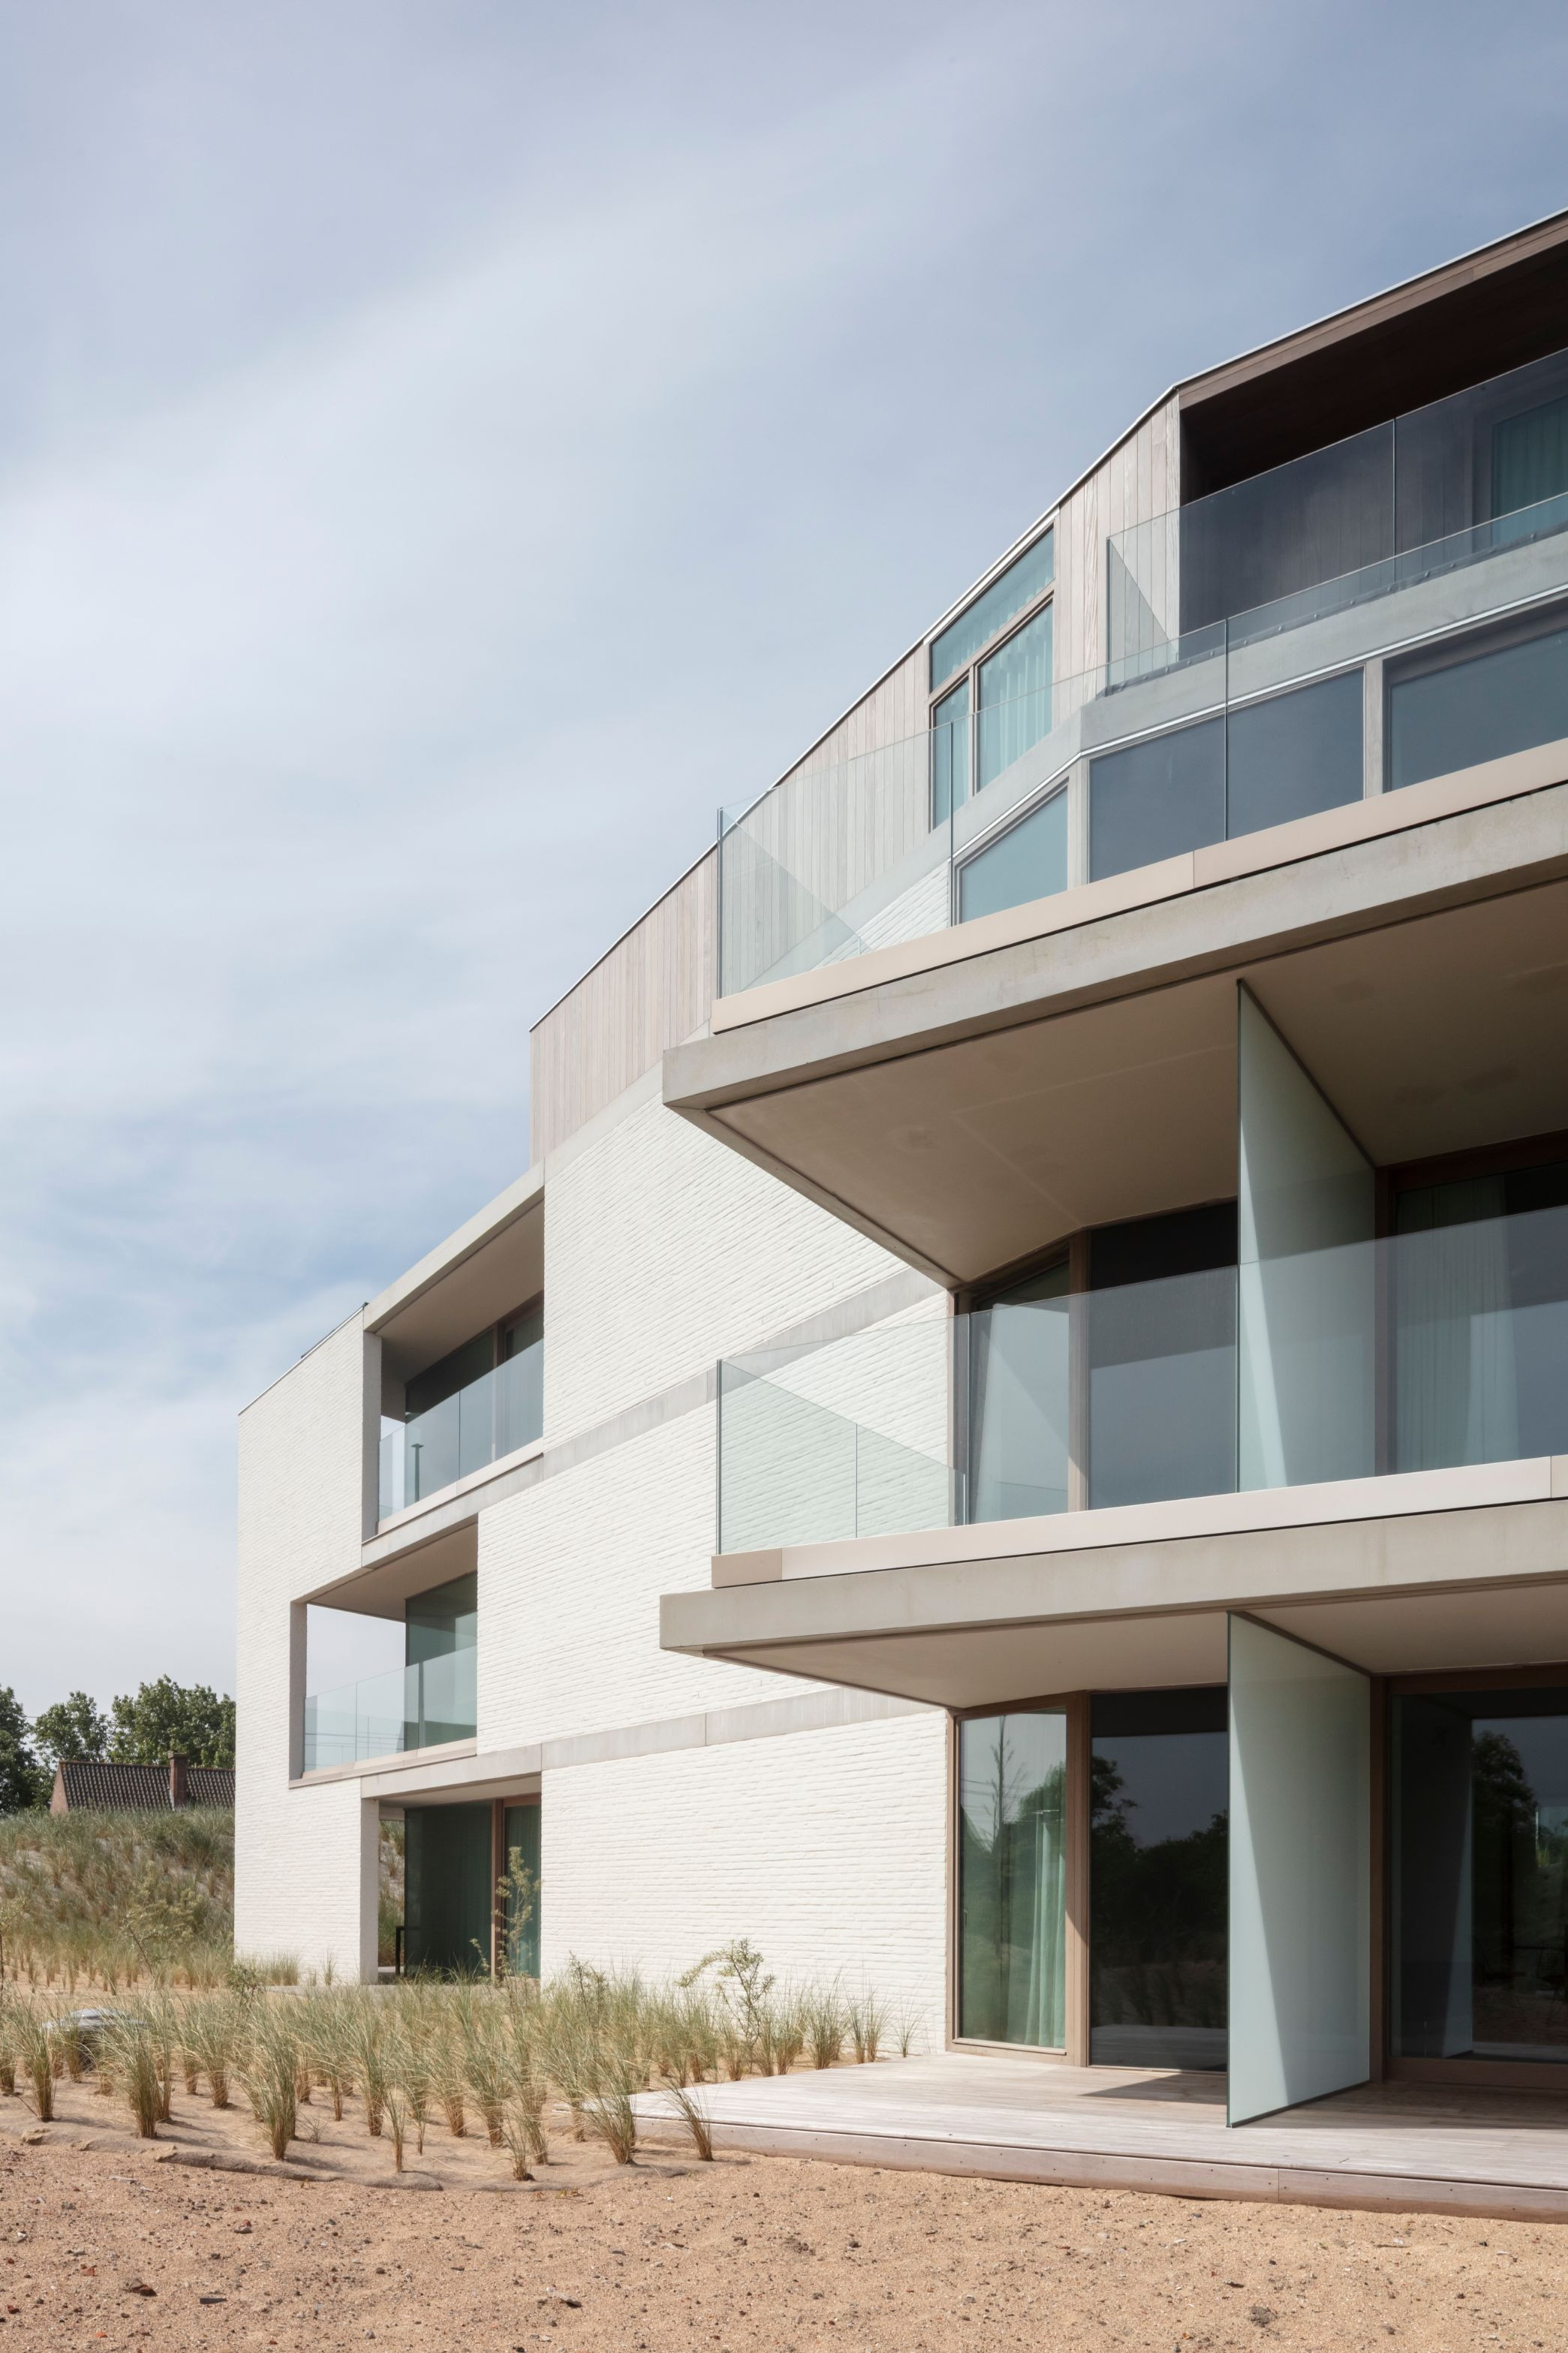 Hans Wegner - Rietveldprojects - Koksijde - Tvdv5.jpg